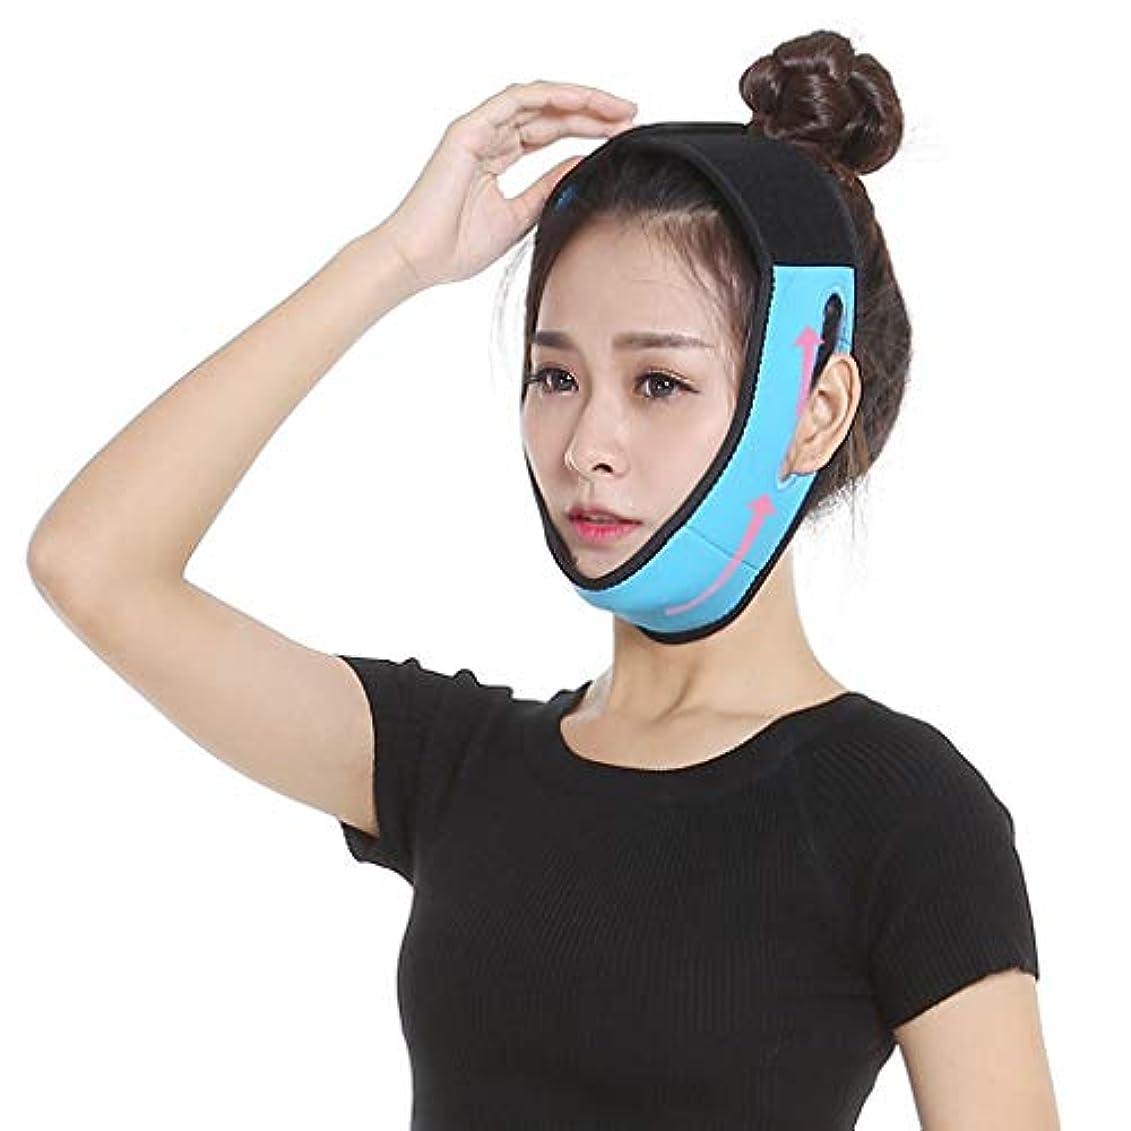 力学すき素晴らしき顔の減量マッサージマスクは簡単に V の顔リフトタイトな包帯を形成するあごの筋肉の収縮を強化する